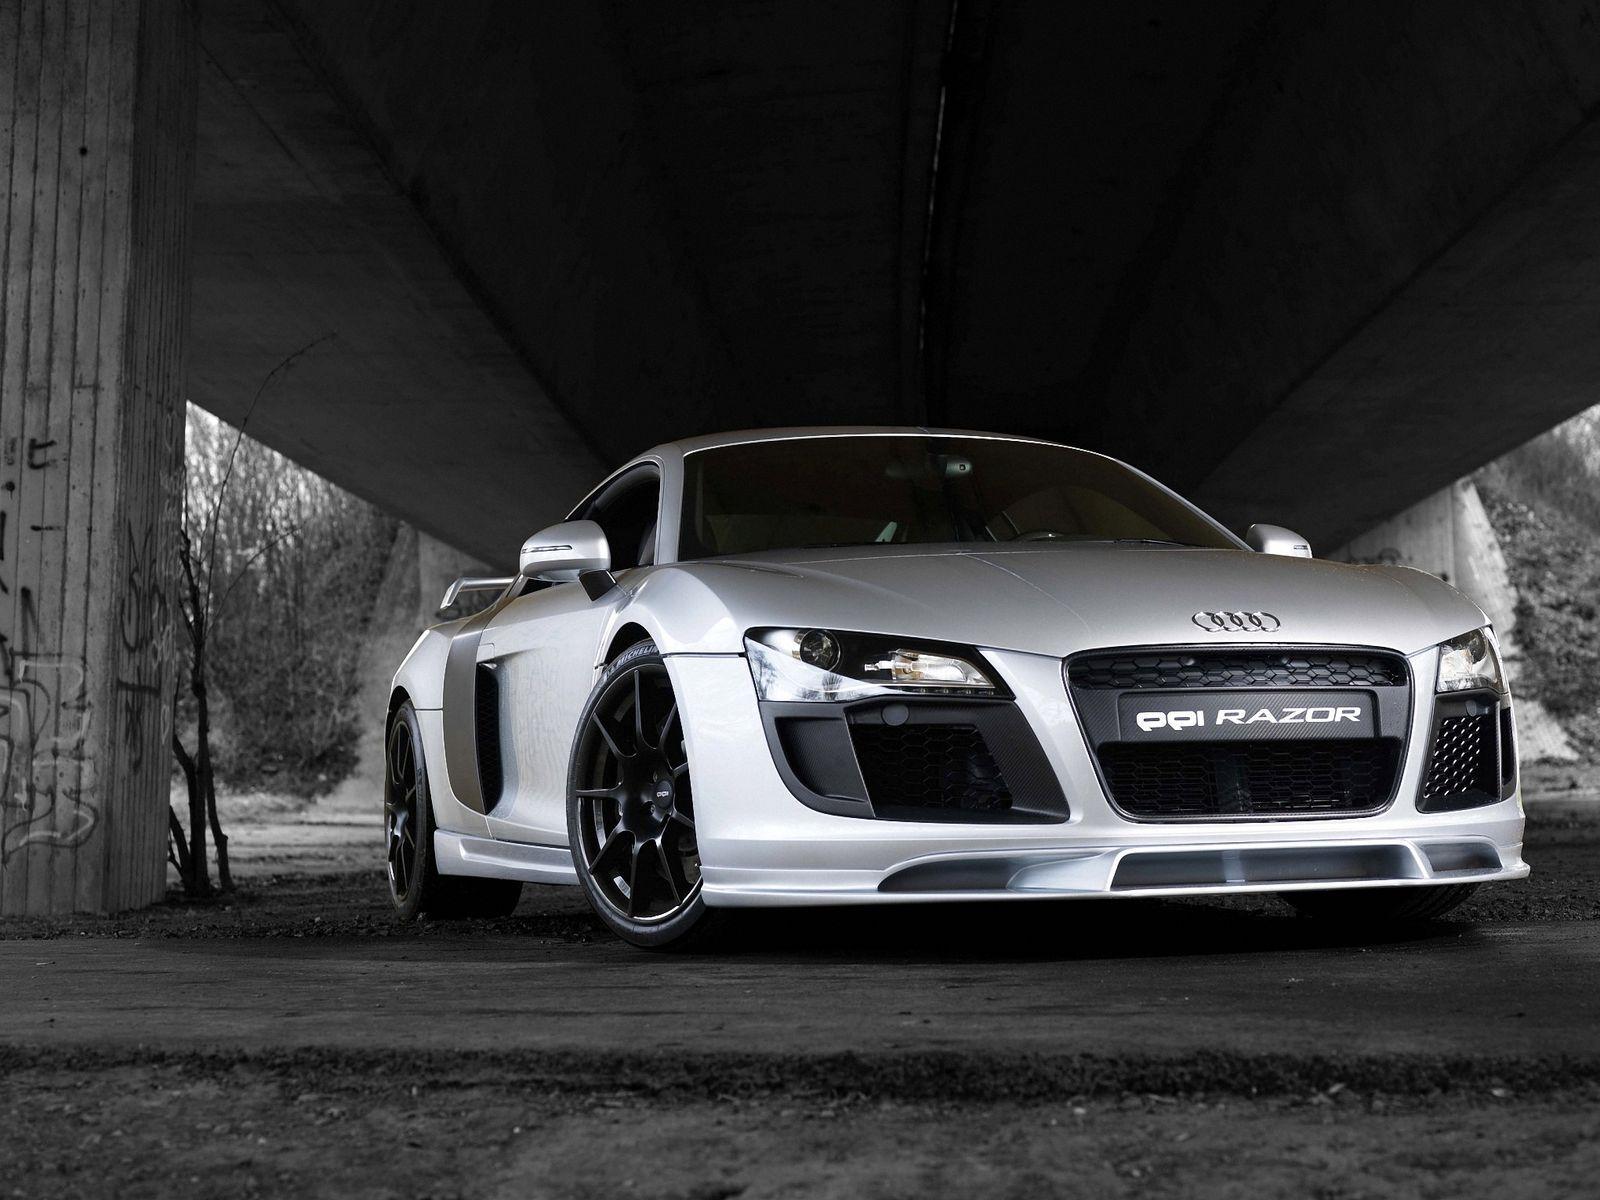 9725 скачать обои Транспорт, Машины, Ауди (Audi) - заставки и картинки бесплатно